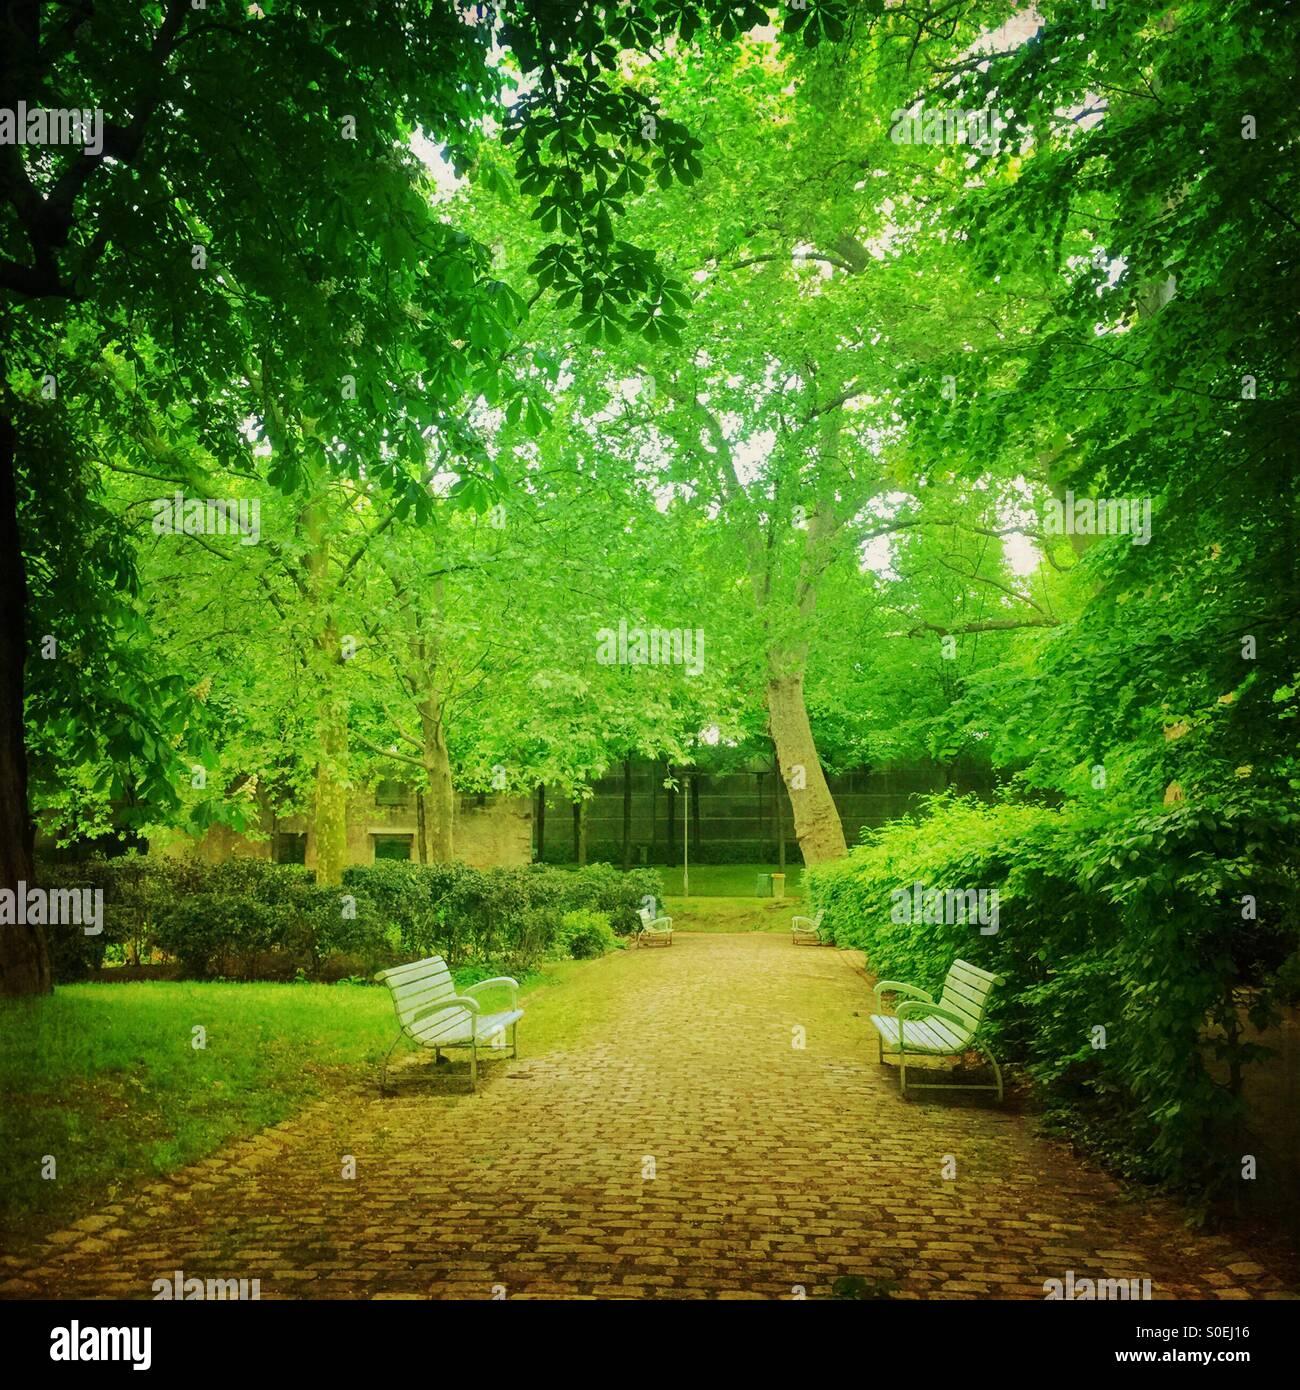 Green verdoyant parc de Bercy avec chaussée de pierre, bancs, Arbres et feuillage frais du printemps à Paris, France. Superposition de texture vintage. Banque D'Images